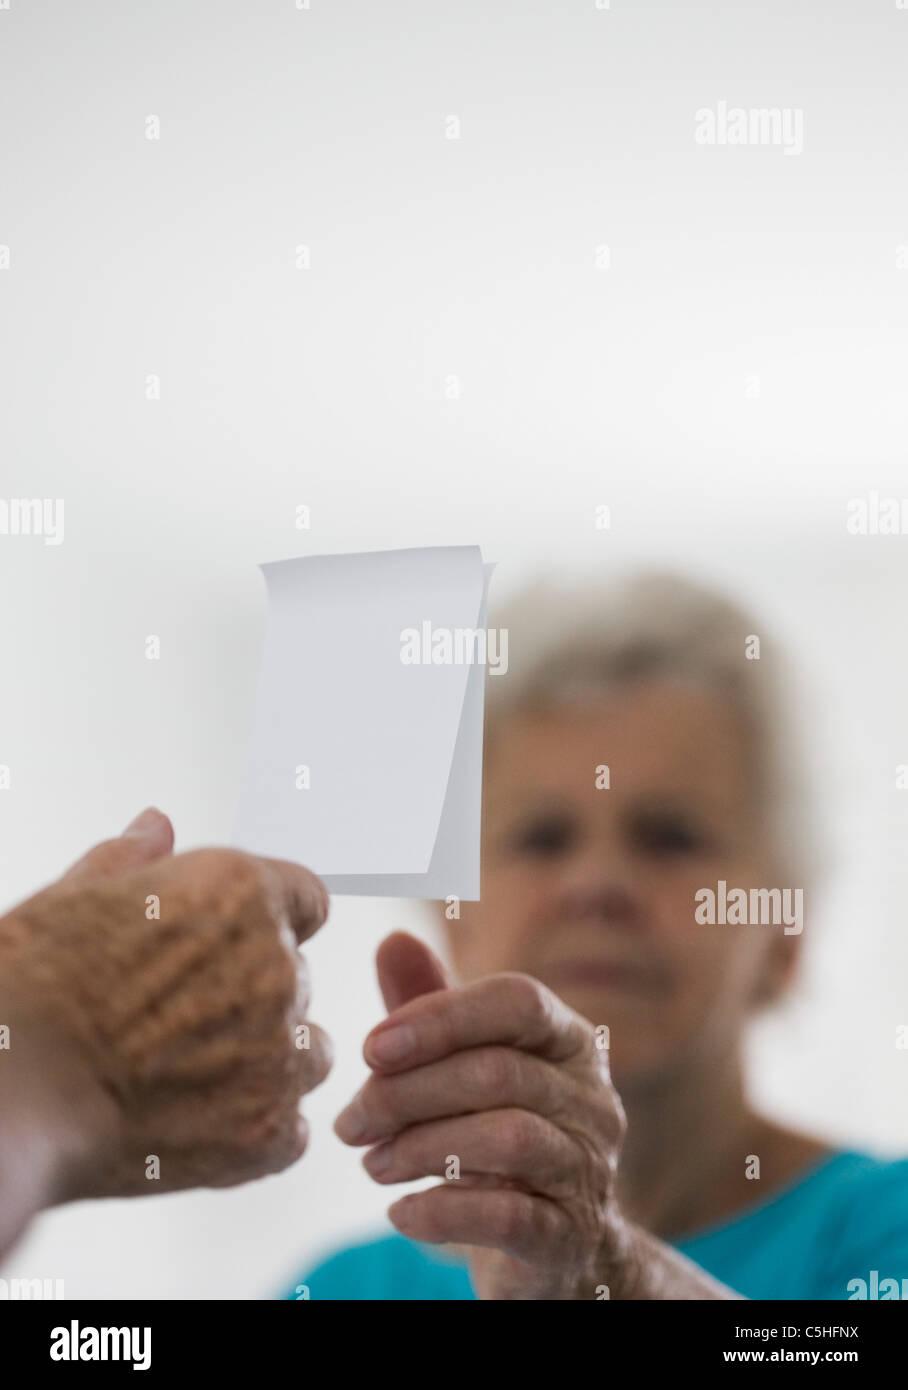 Alzheimer-Krankheit, Konzeptbild Stockbild